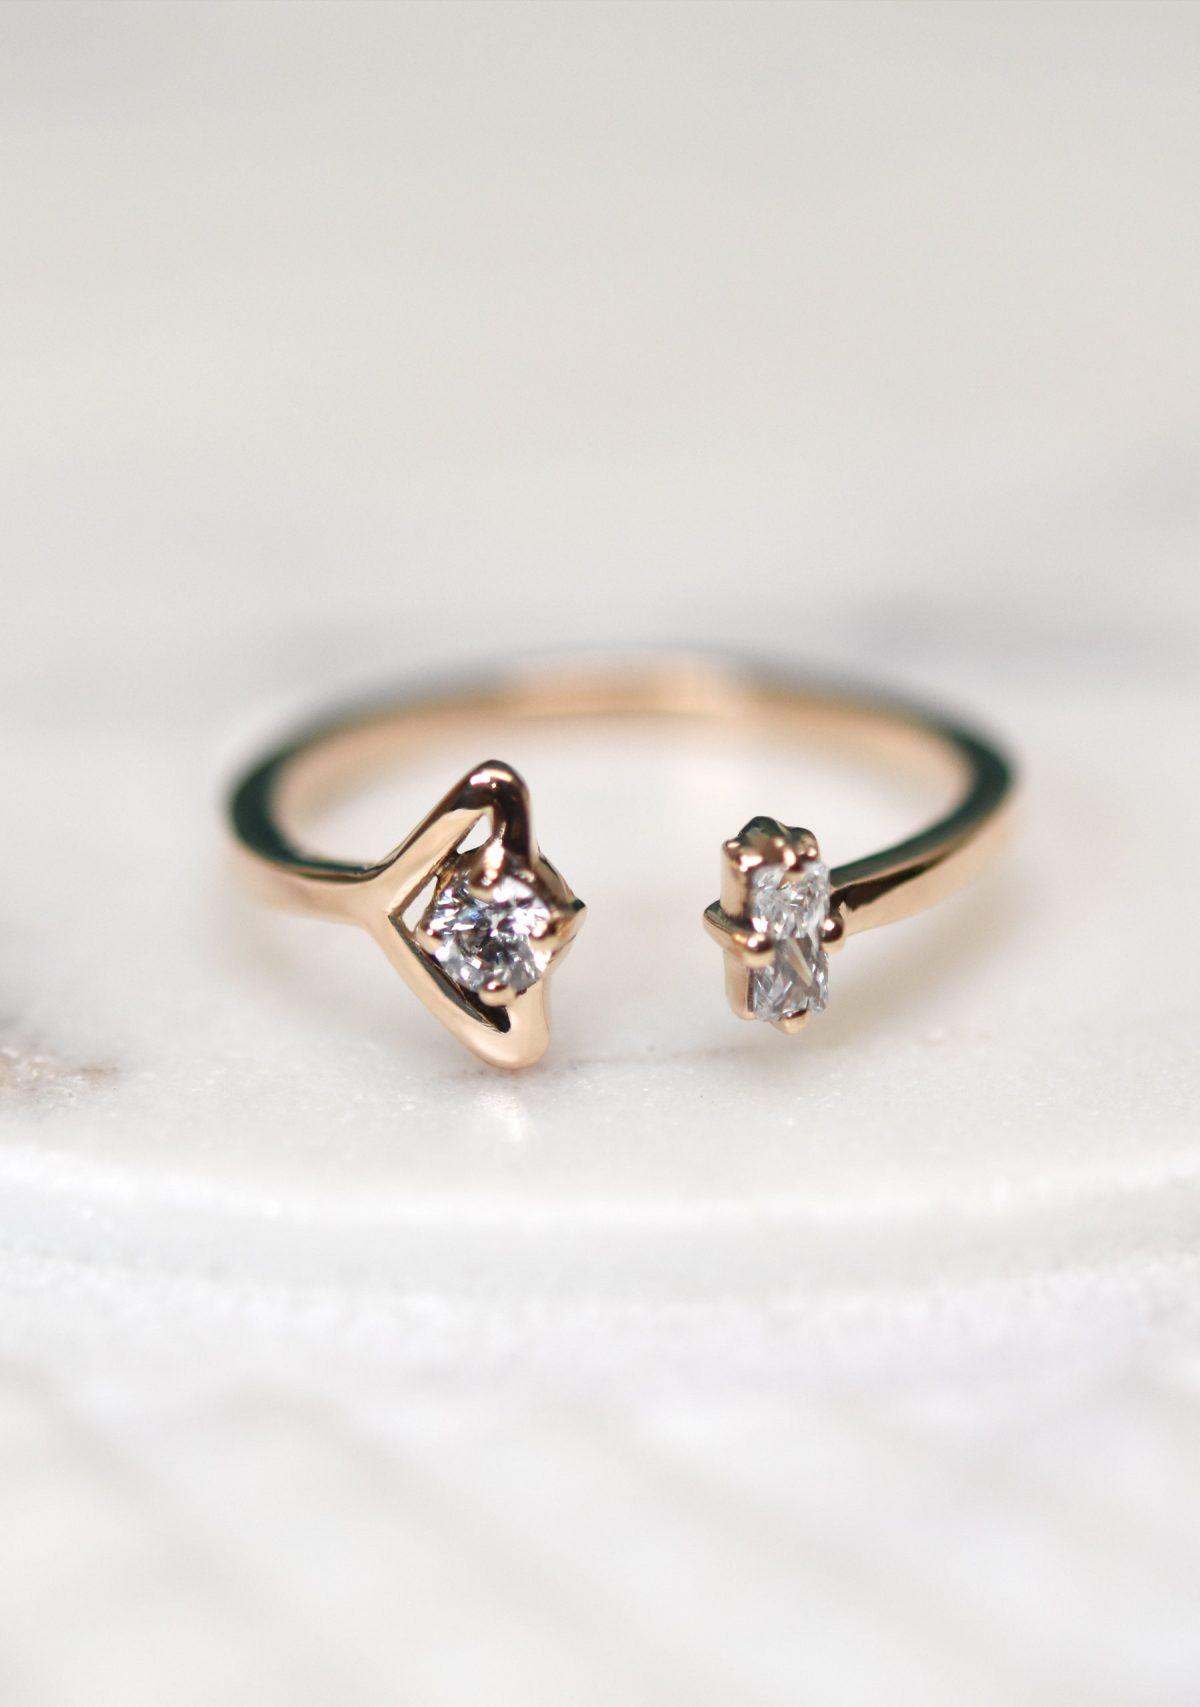 10k Gold Diamond Stacking Ring